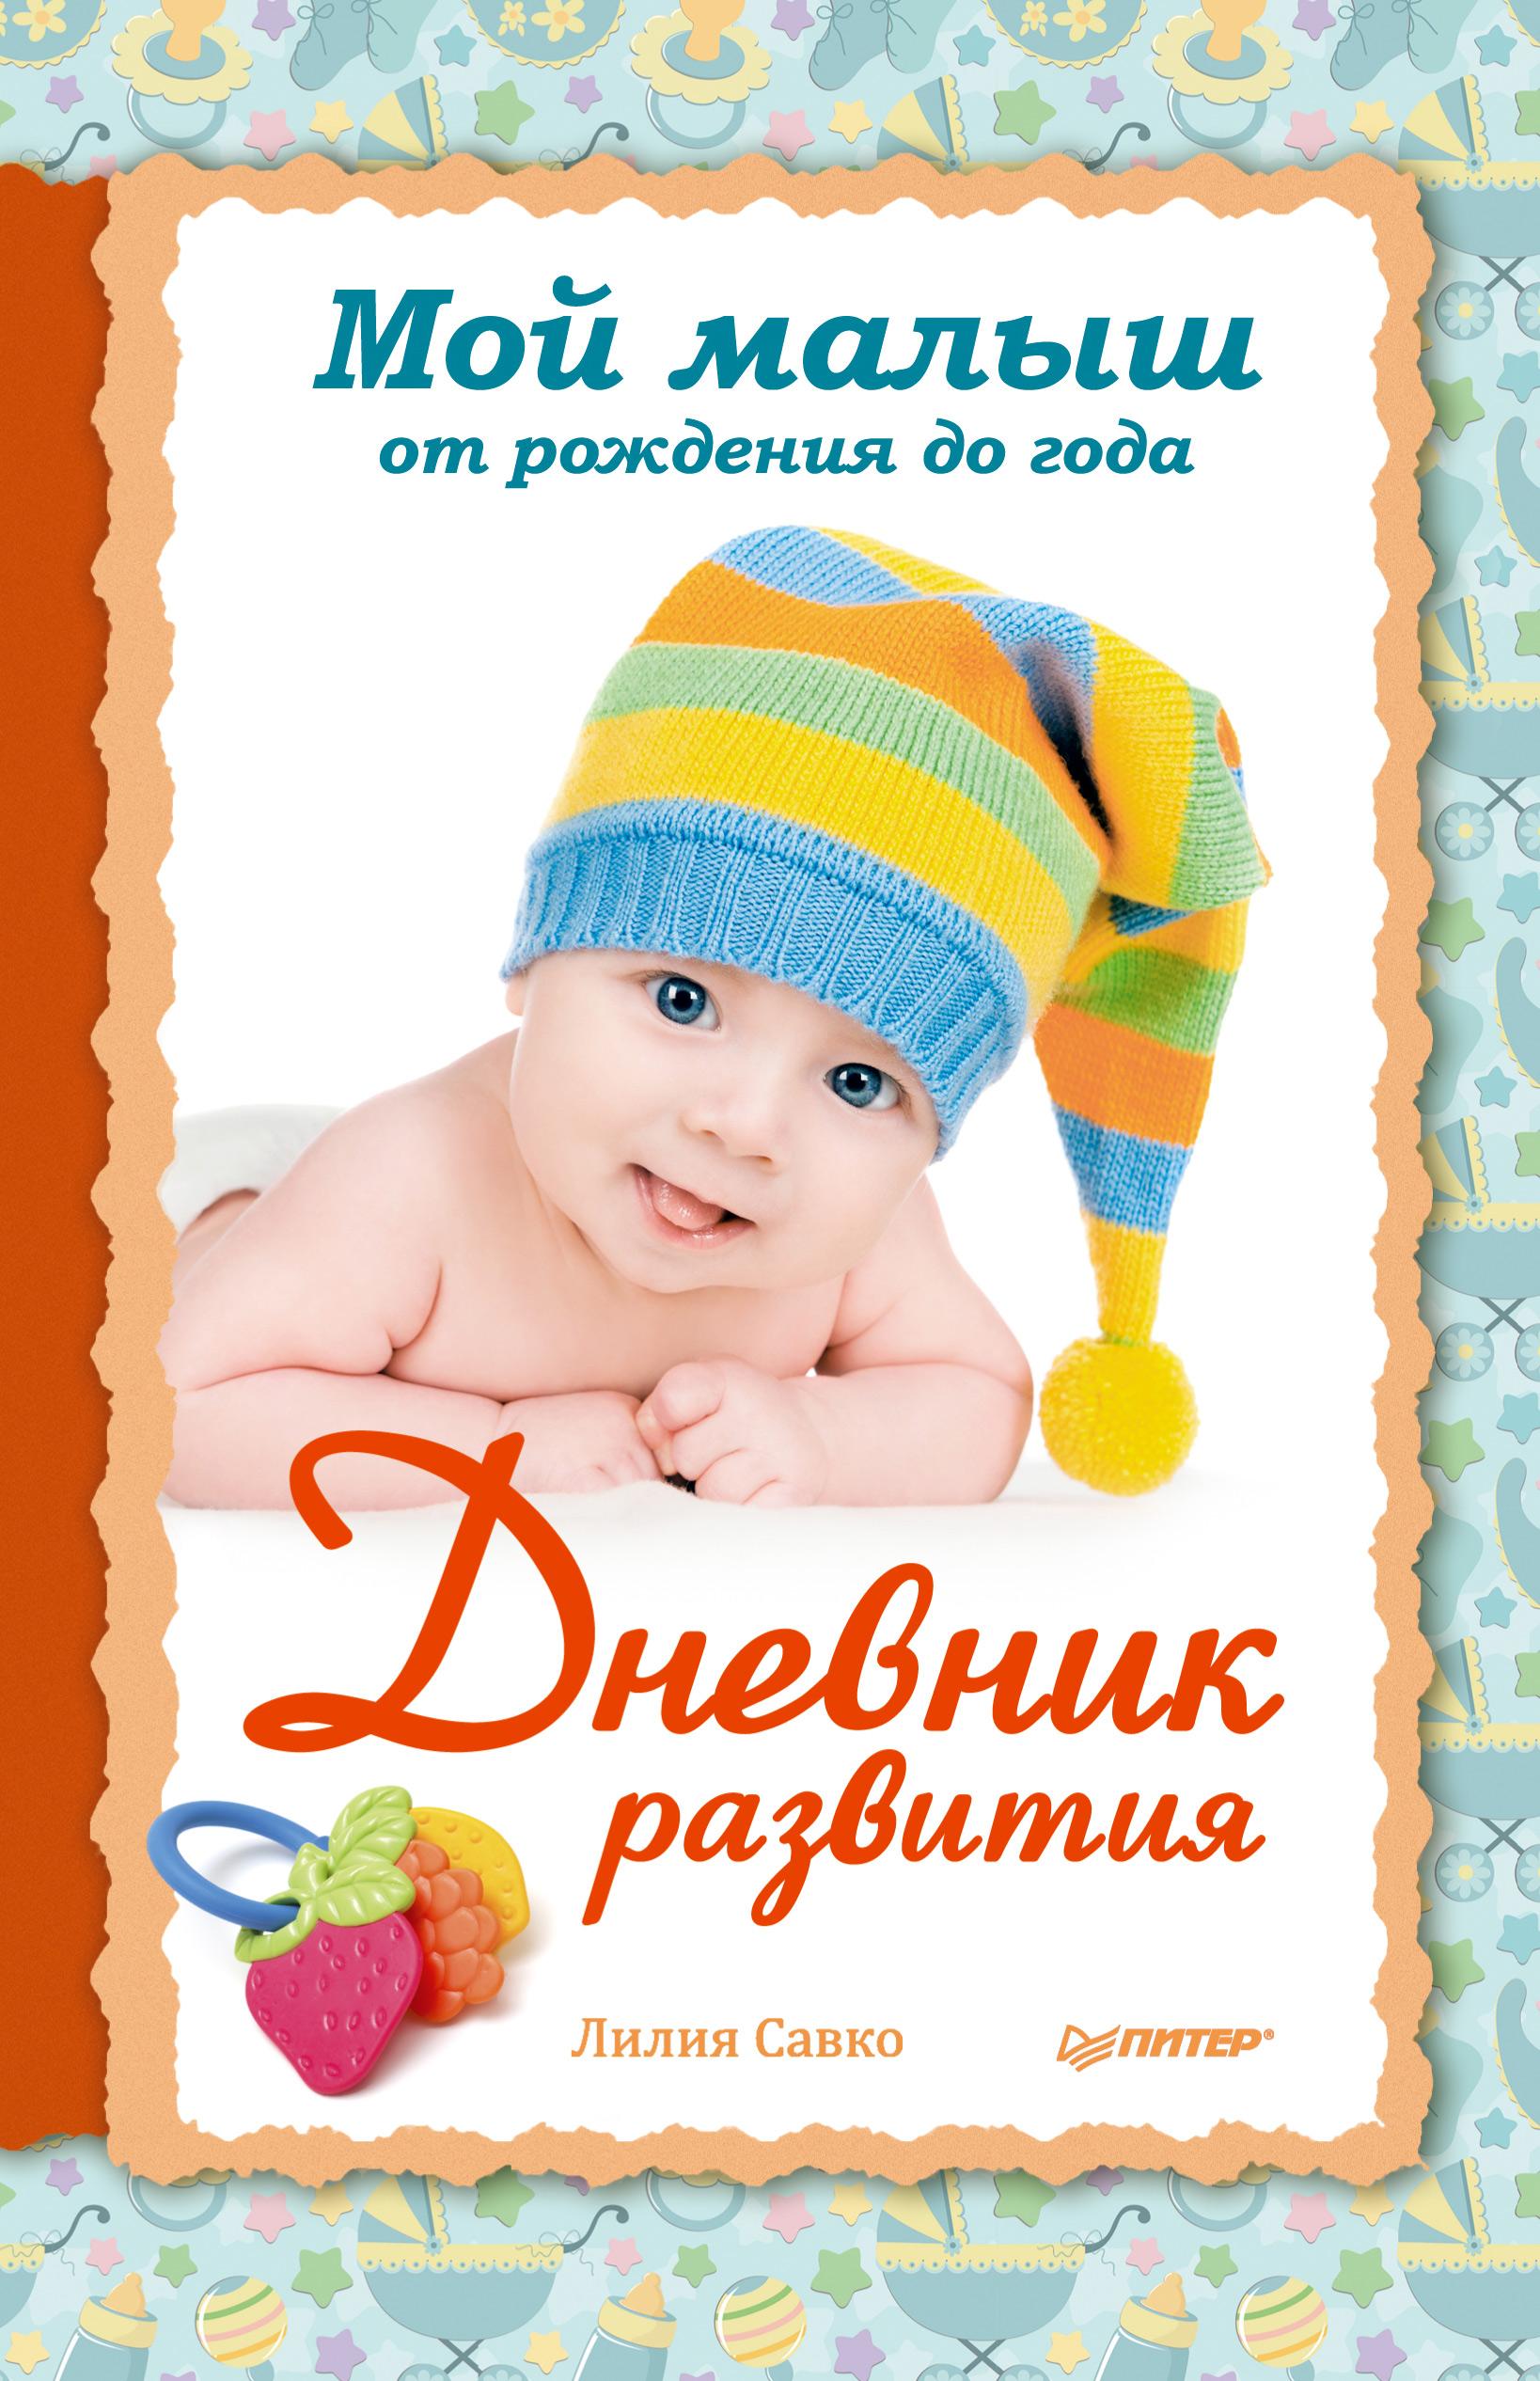 Лилия Савко Мой малыш от рождения до года. Дневник развития савко л мой сыночек дневник развития от рождения до года